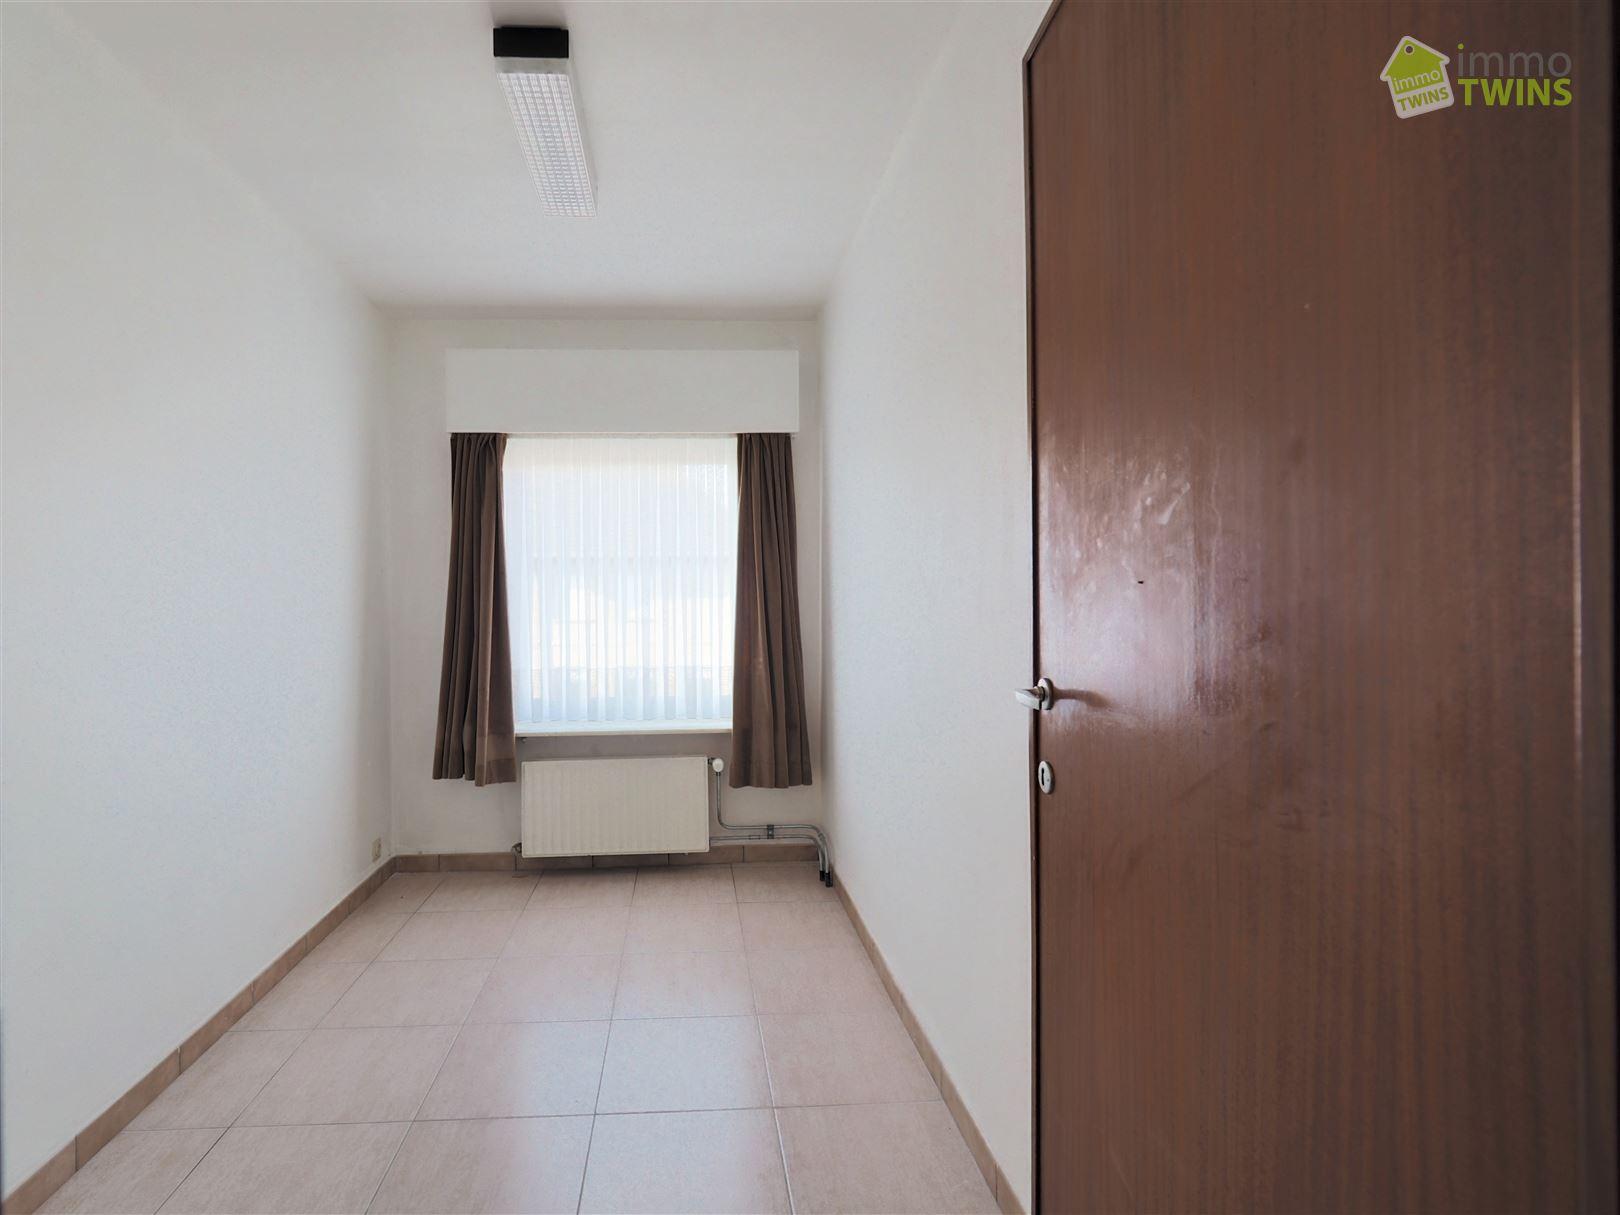 Foto 11 : Huis te 9200 SINT-GILLIS-DENDERMONDE (België) - Prijs € 259.000